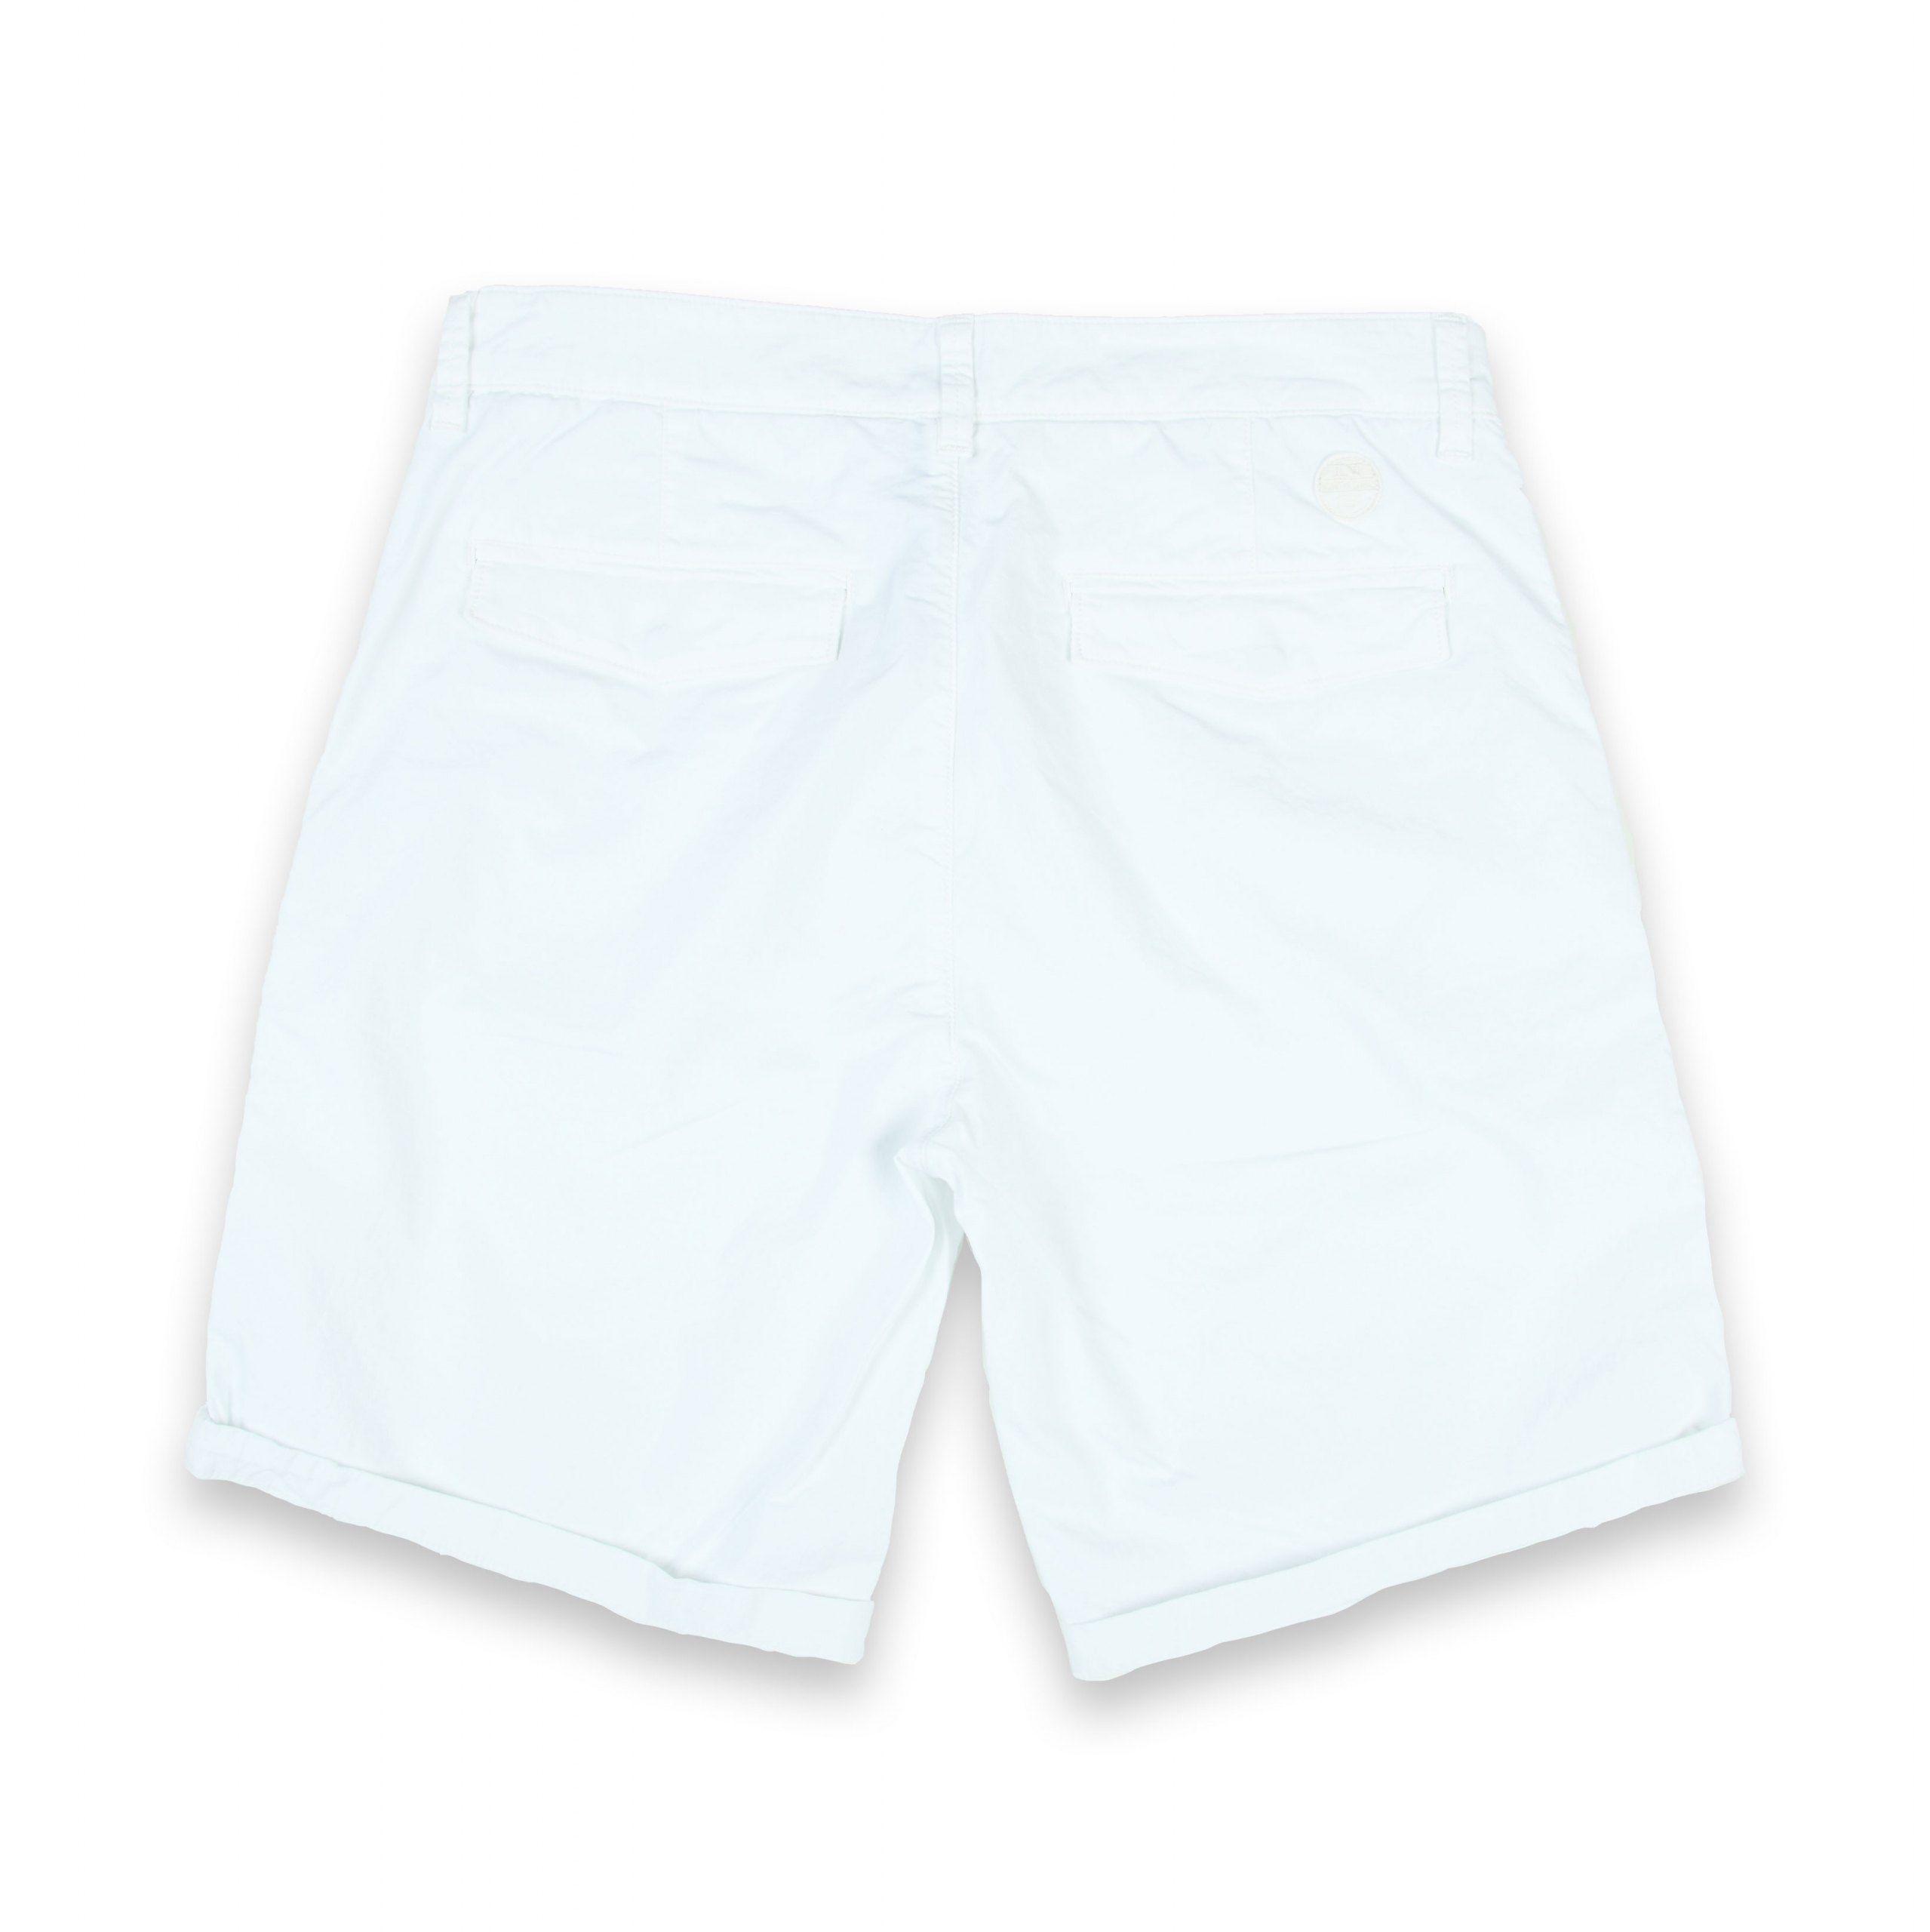 Poloshow North Sails Short White 6727900000101310 2